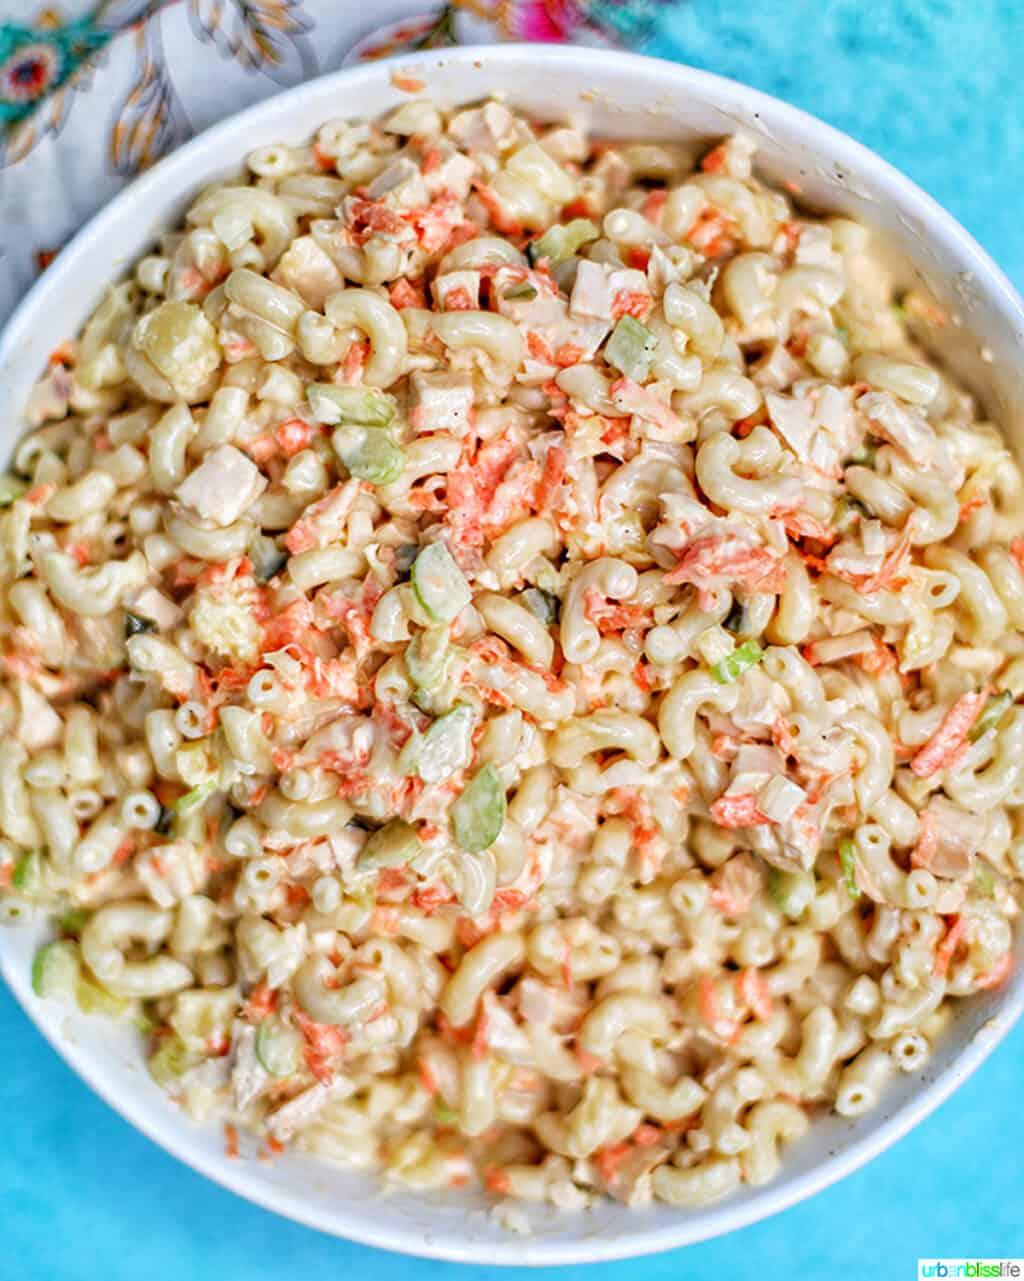 Filipino Macaroni Salad without eggs